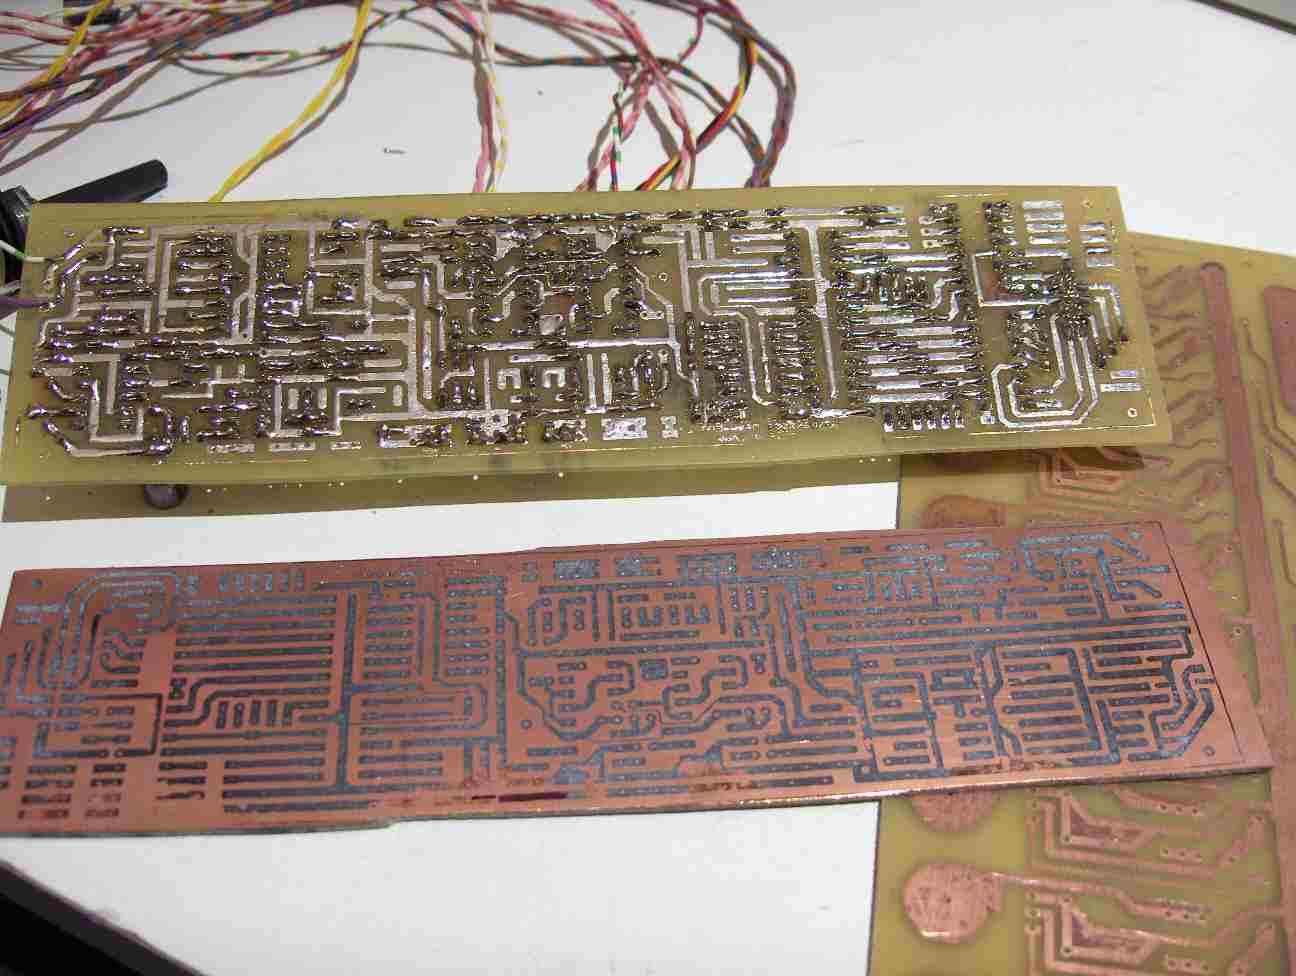 Les Circuits Imprims Conception De Circuit